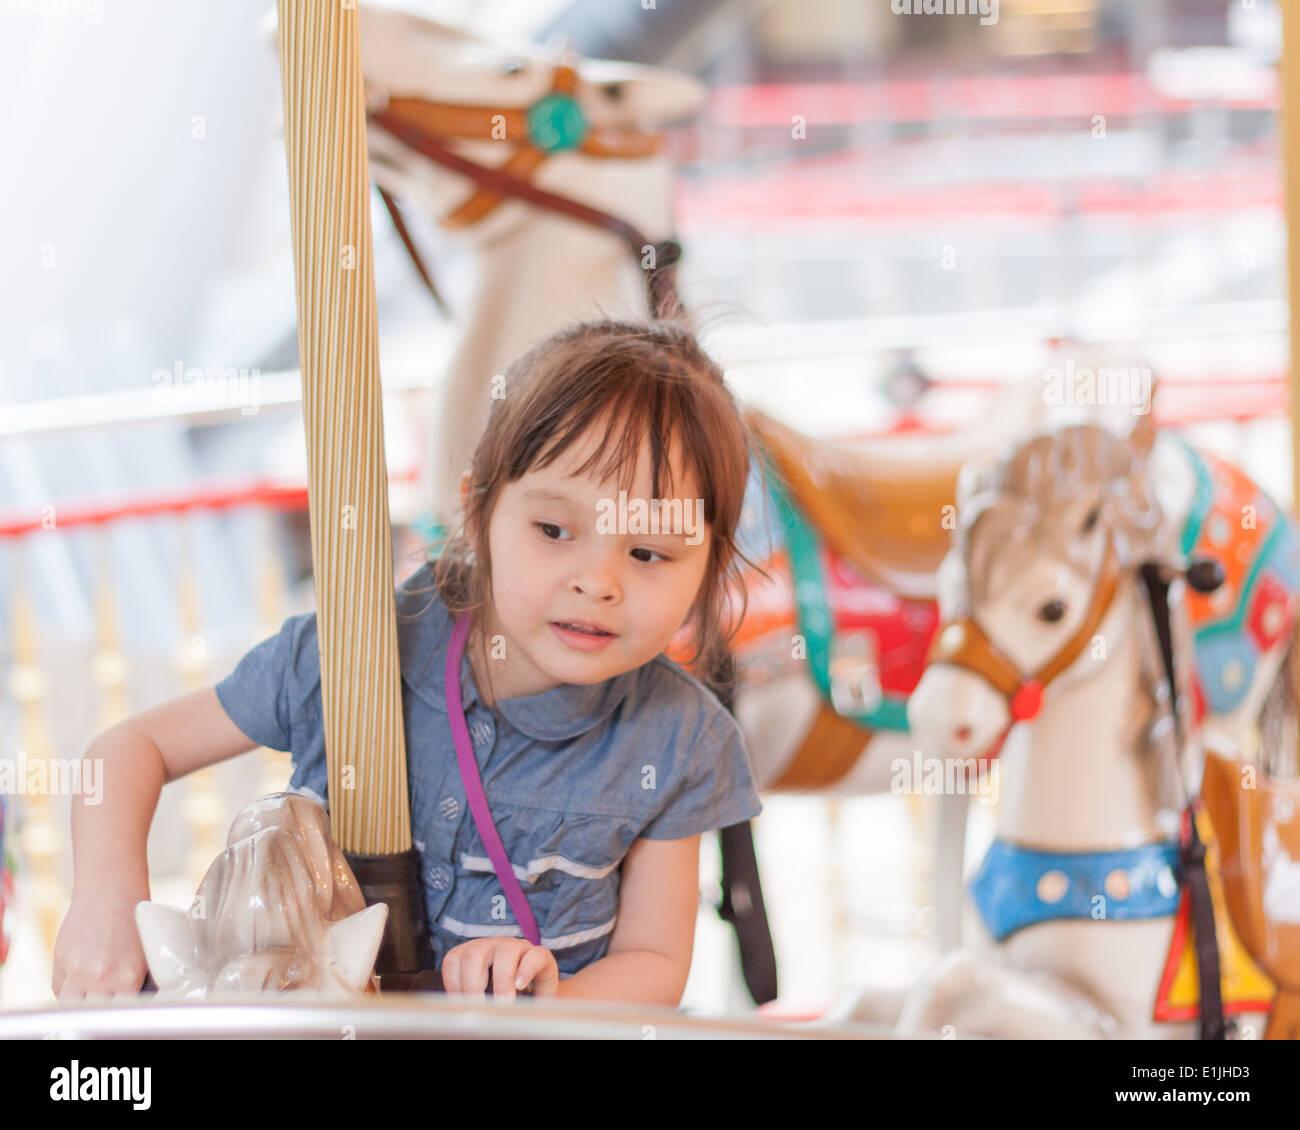 eff19c432fa3 Child Playing Carousel Kid Girl Little Happy Fun Stock Photos ...